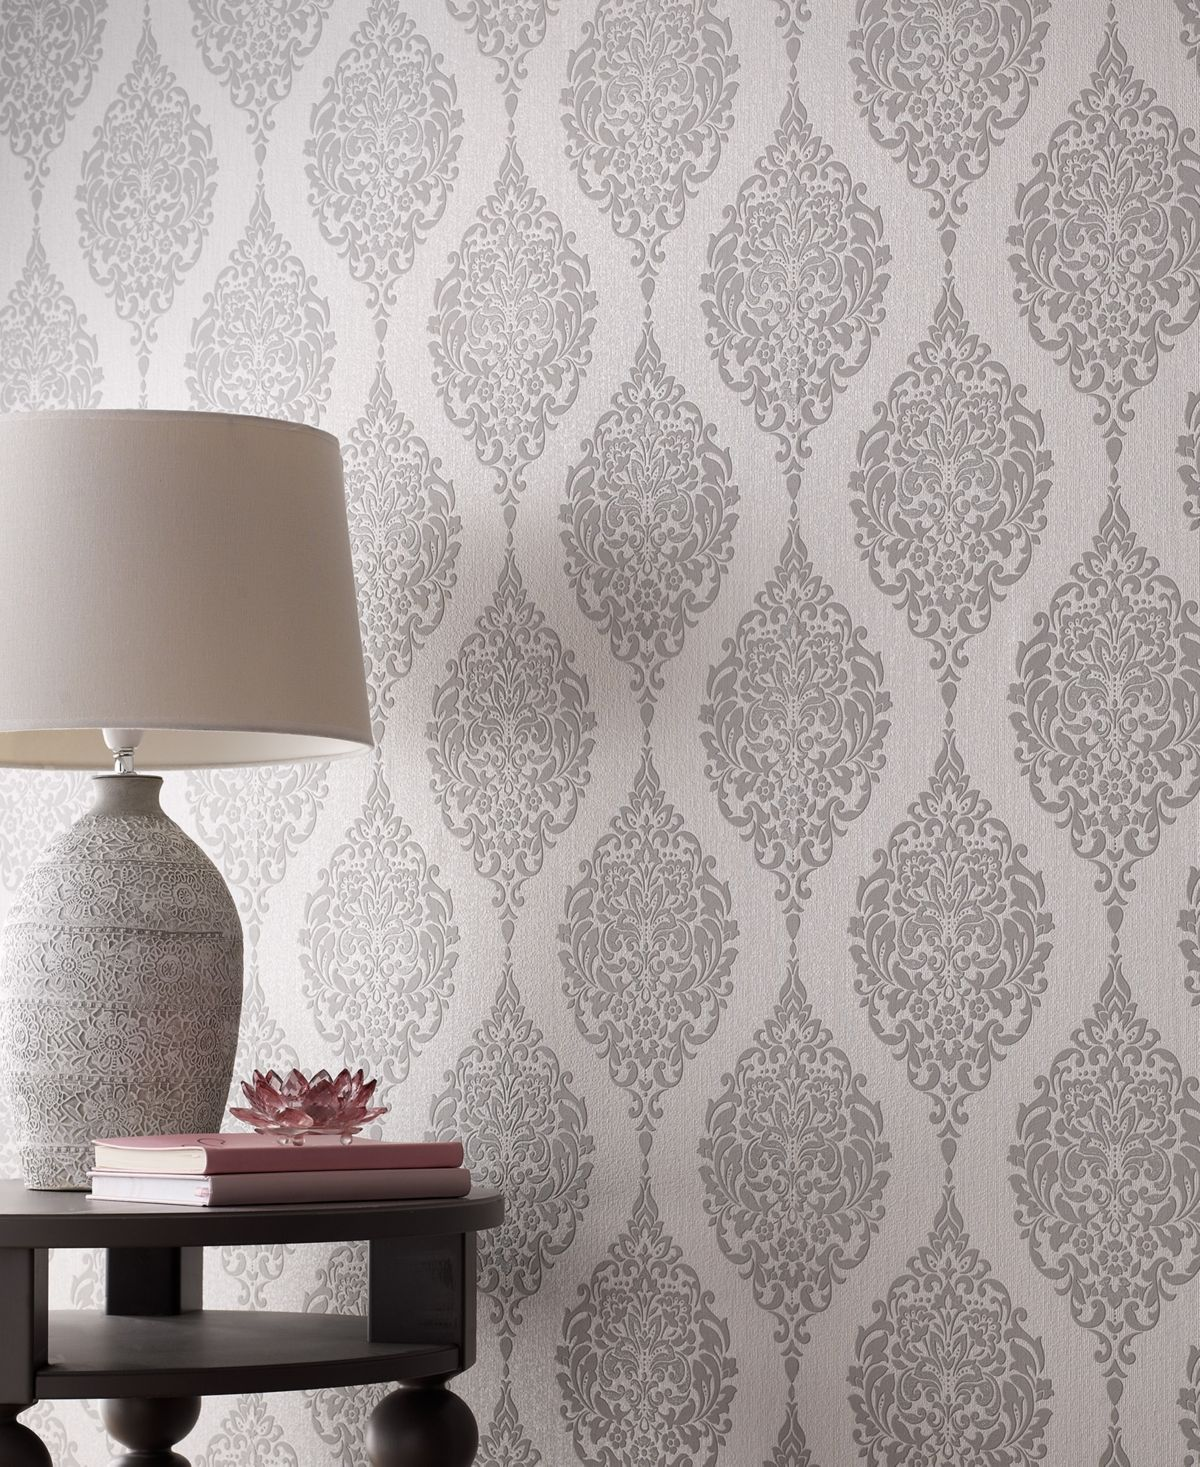 Graham & Brown Luna Gray Wallpaper & Reviews Wallpaper